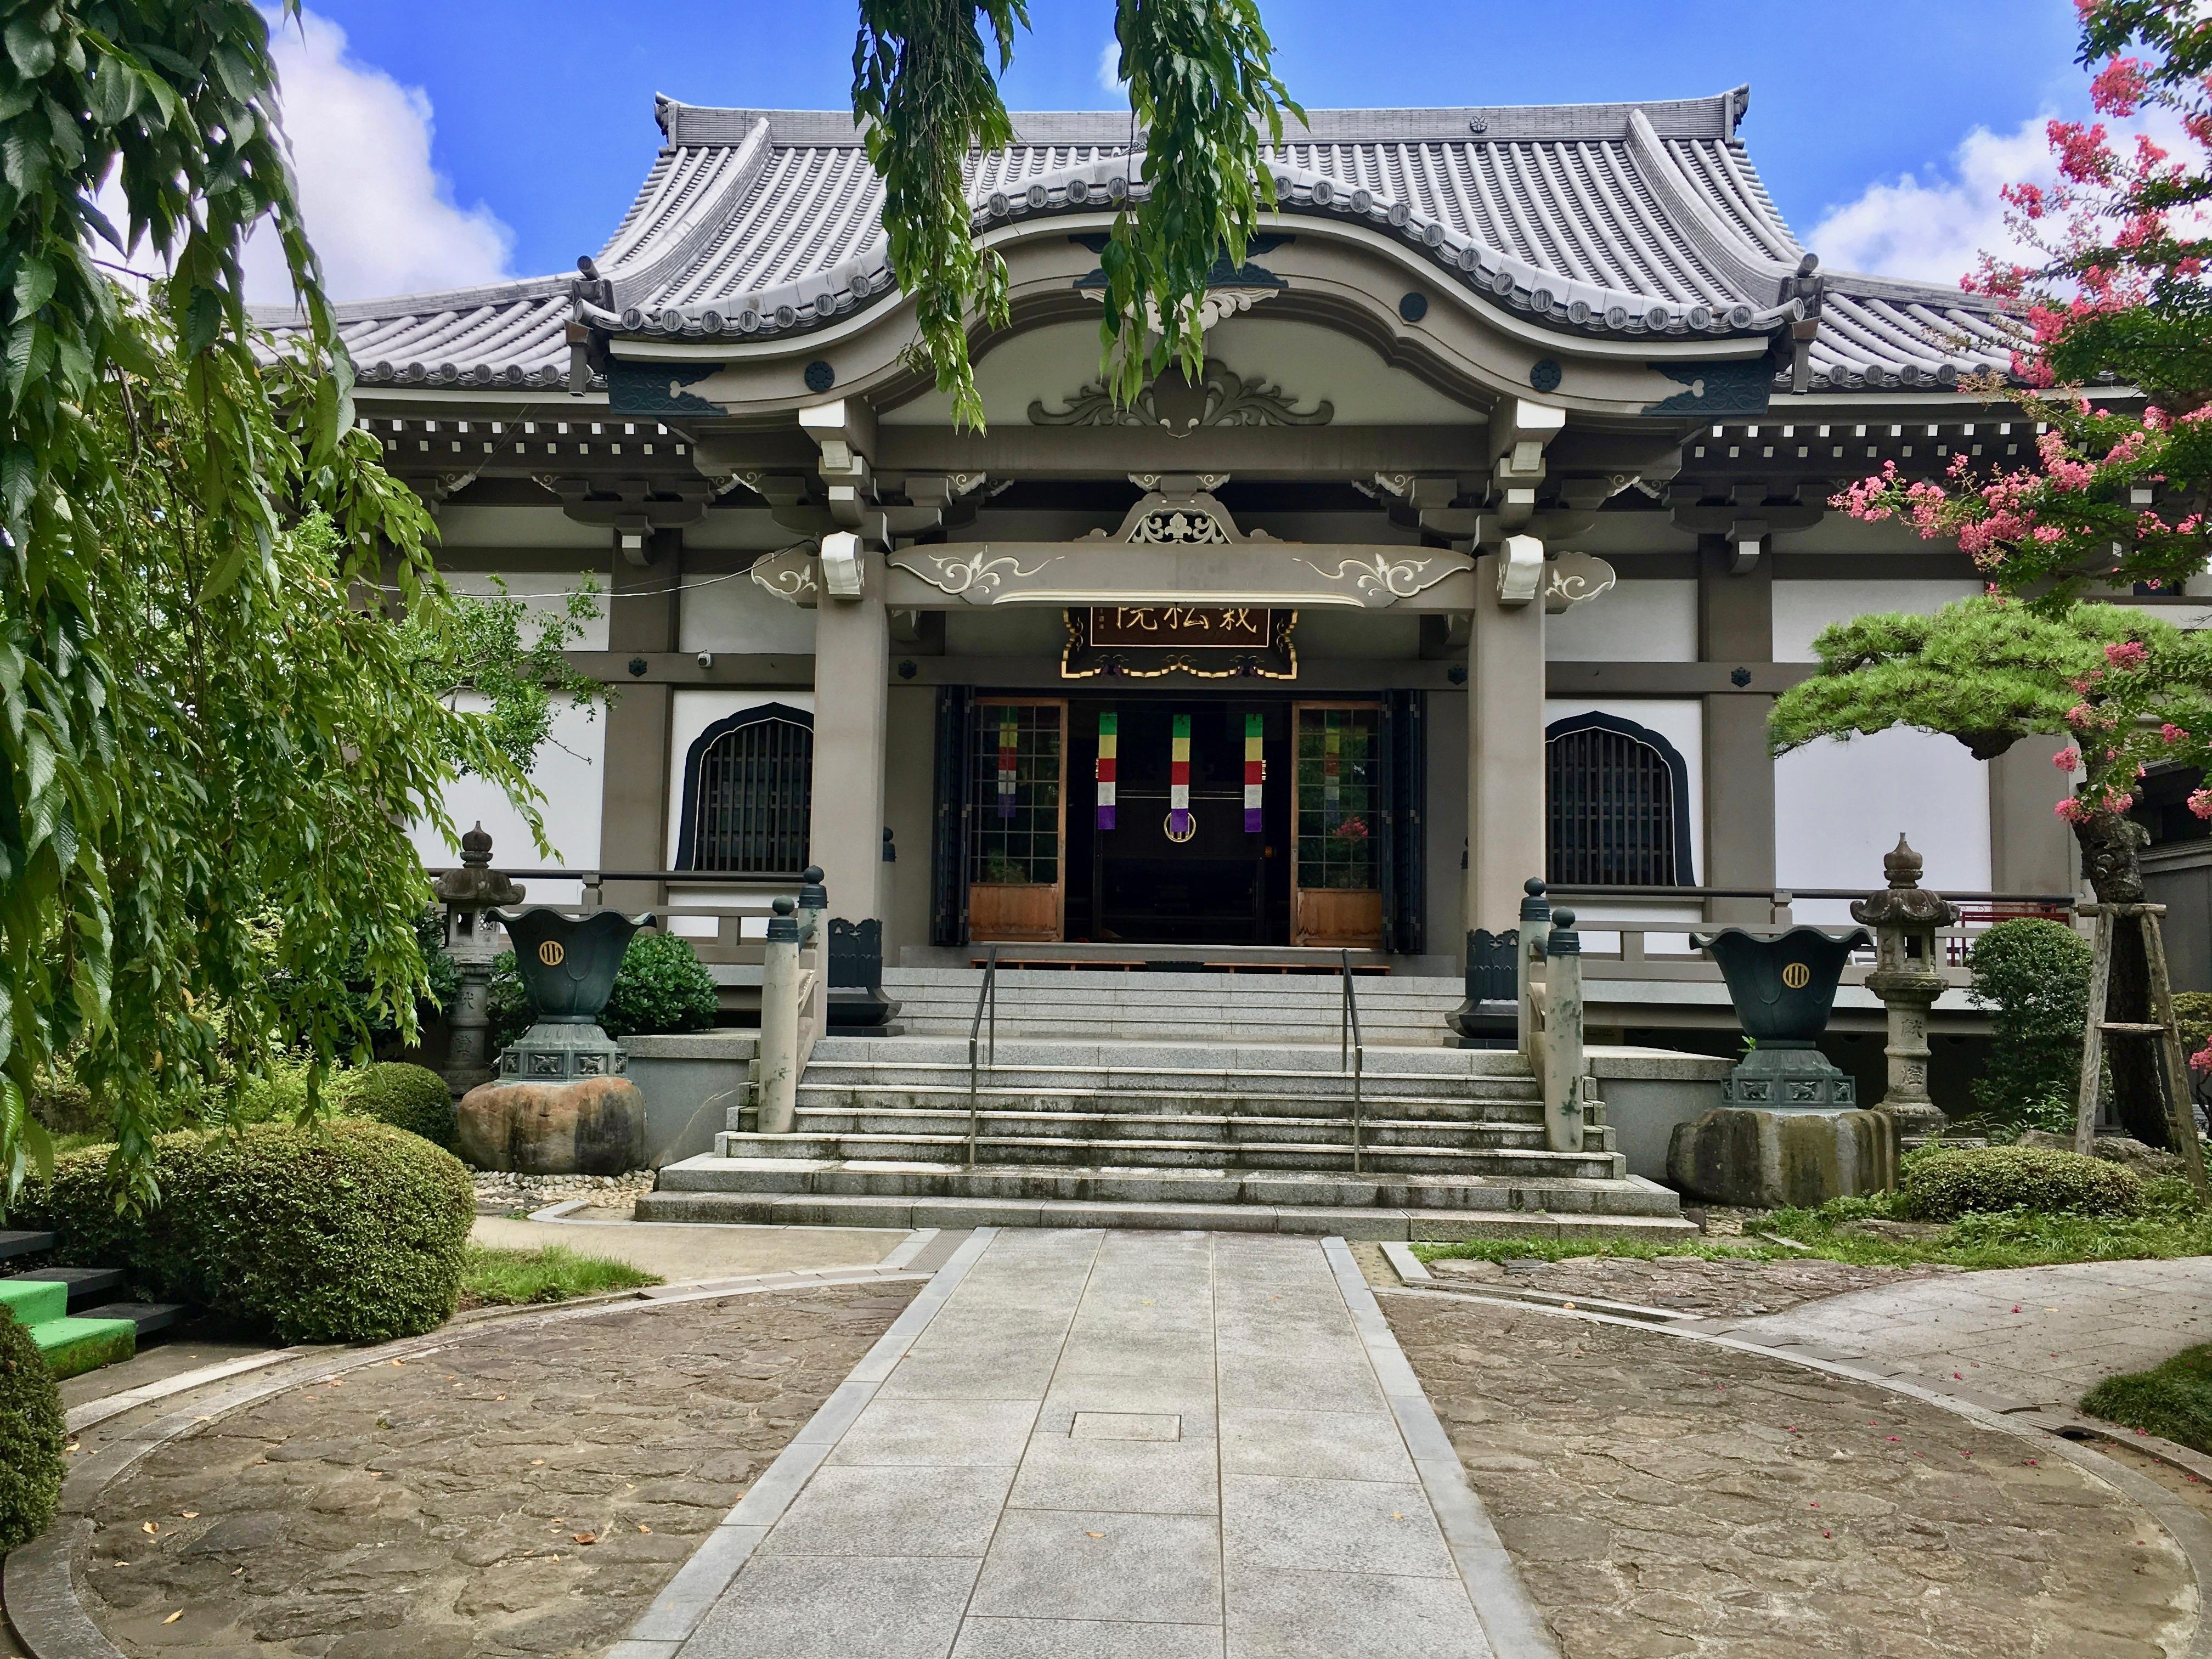 栽松院の本殿